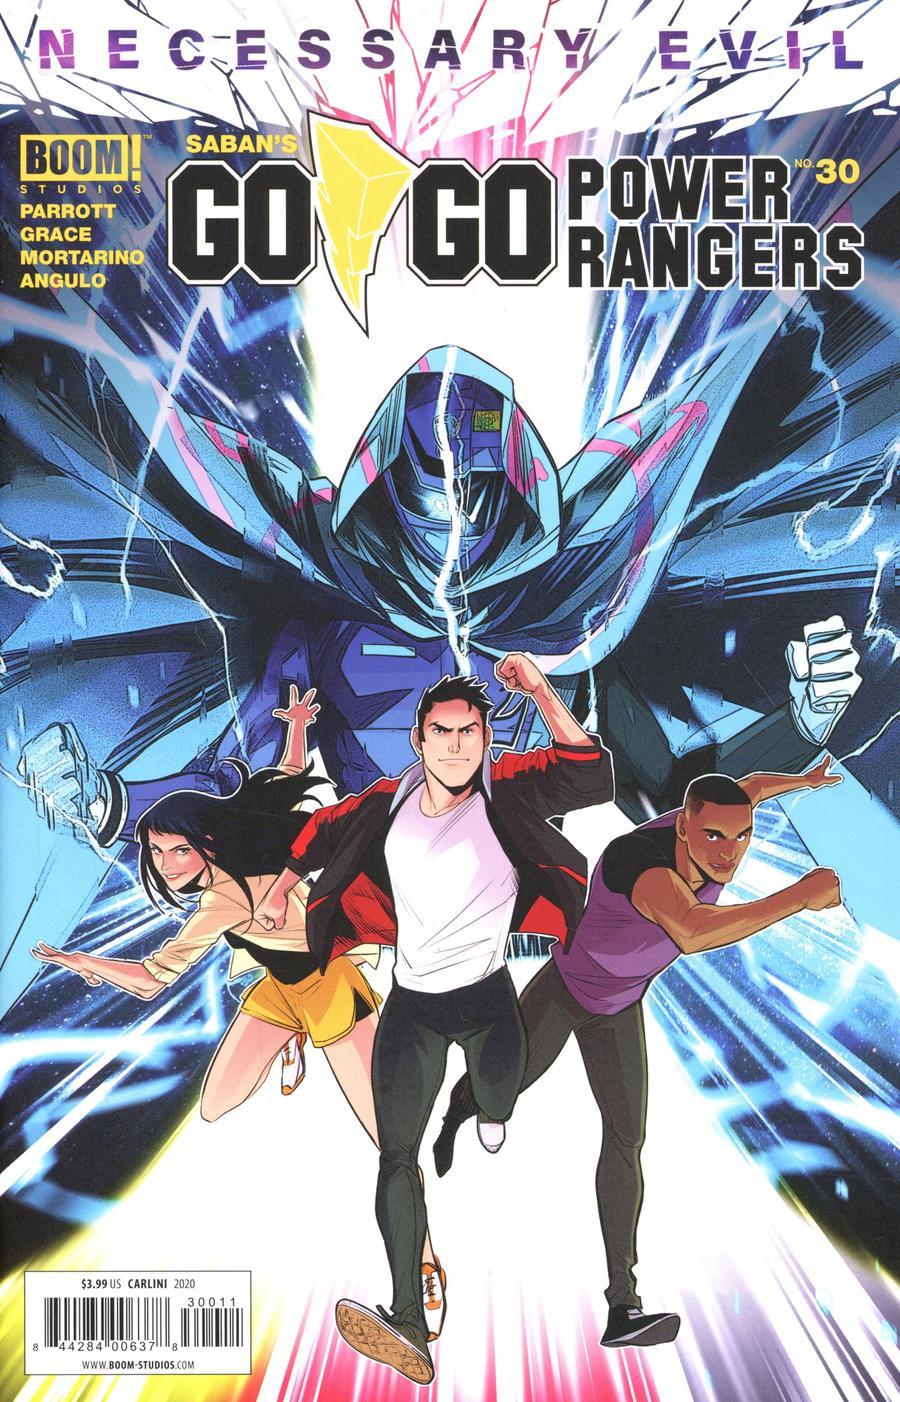 Sabans Go Go Power Rangers #30 Cover A Regular Eleonora Carlini Cover